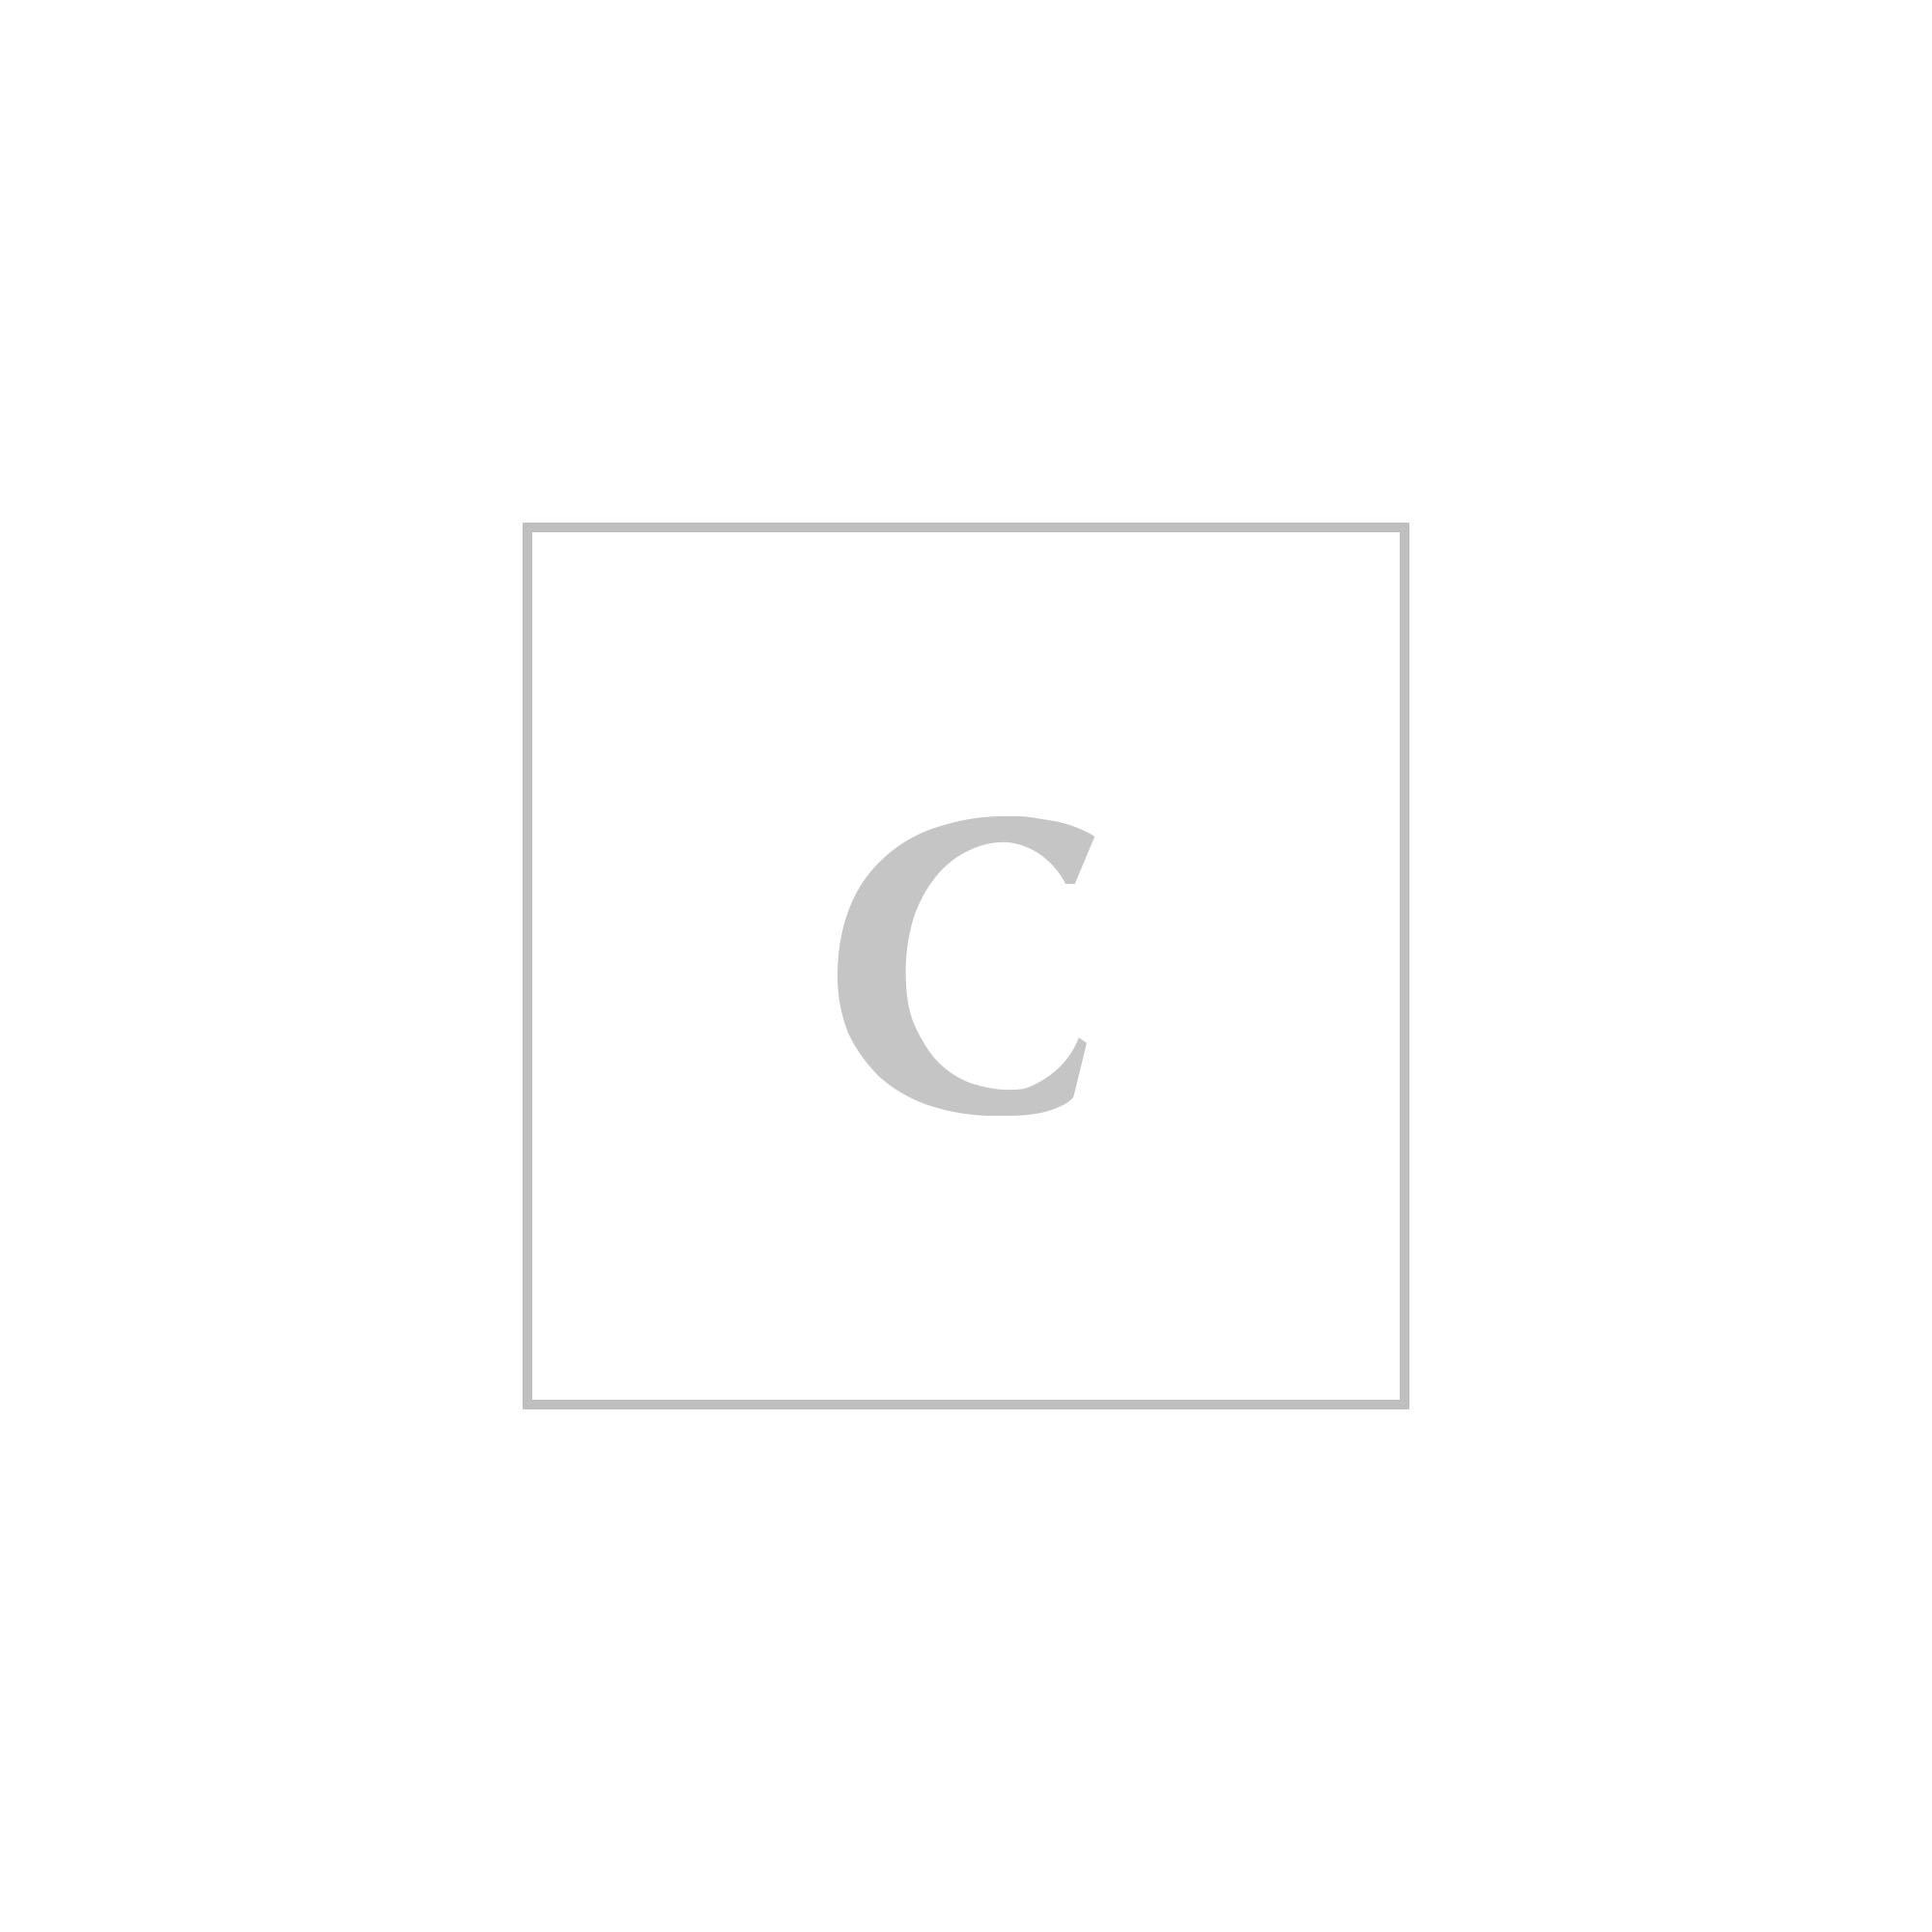 Boutique da Piumini Gcds Nero Uomo Coltorti Rf1RXZqn5